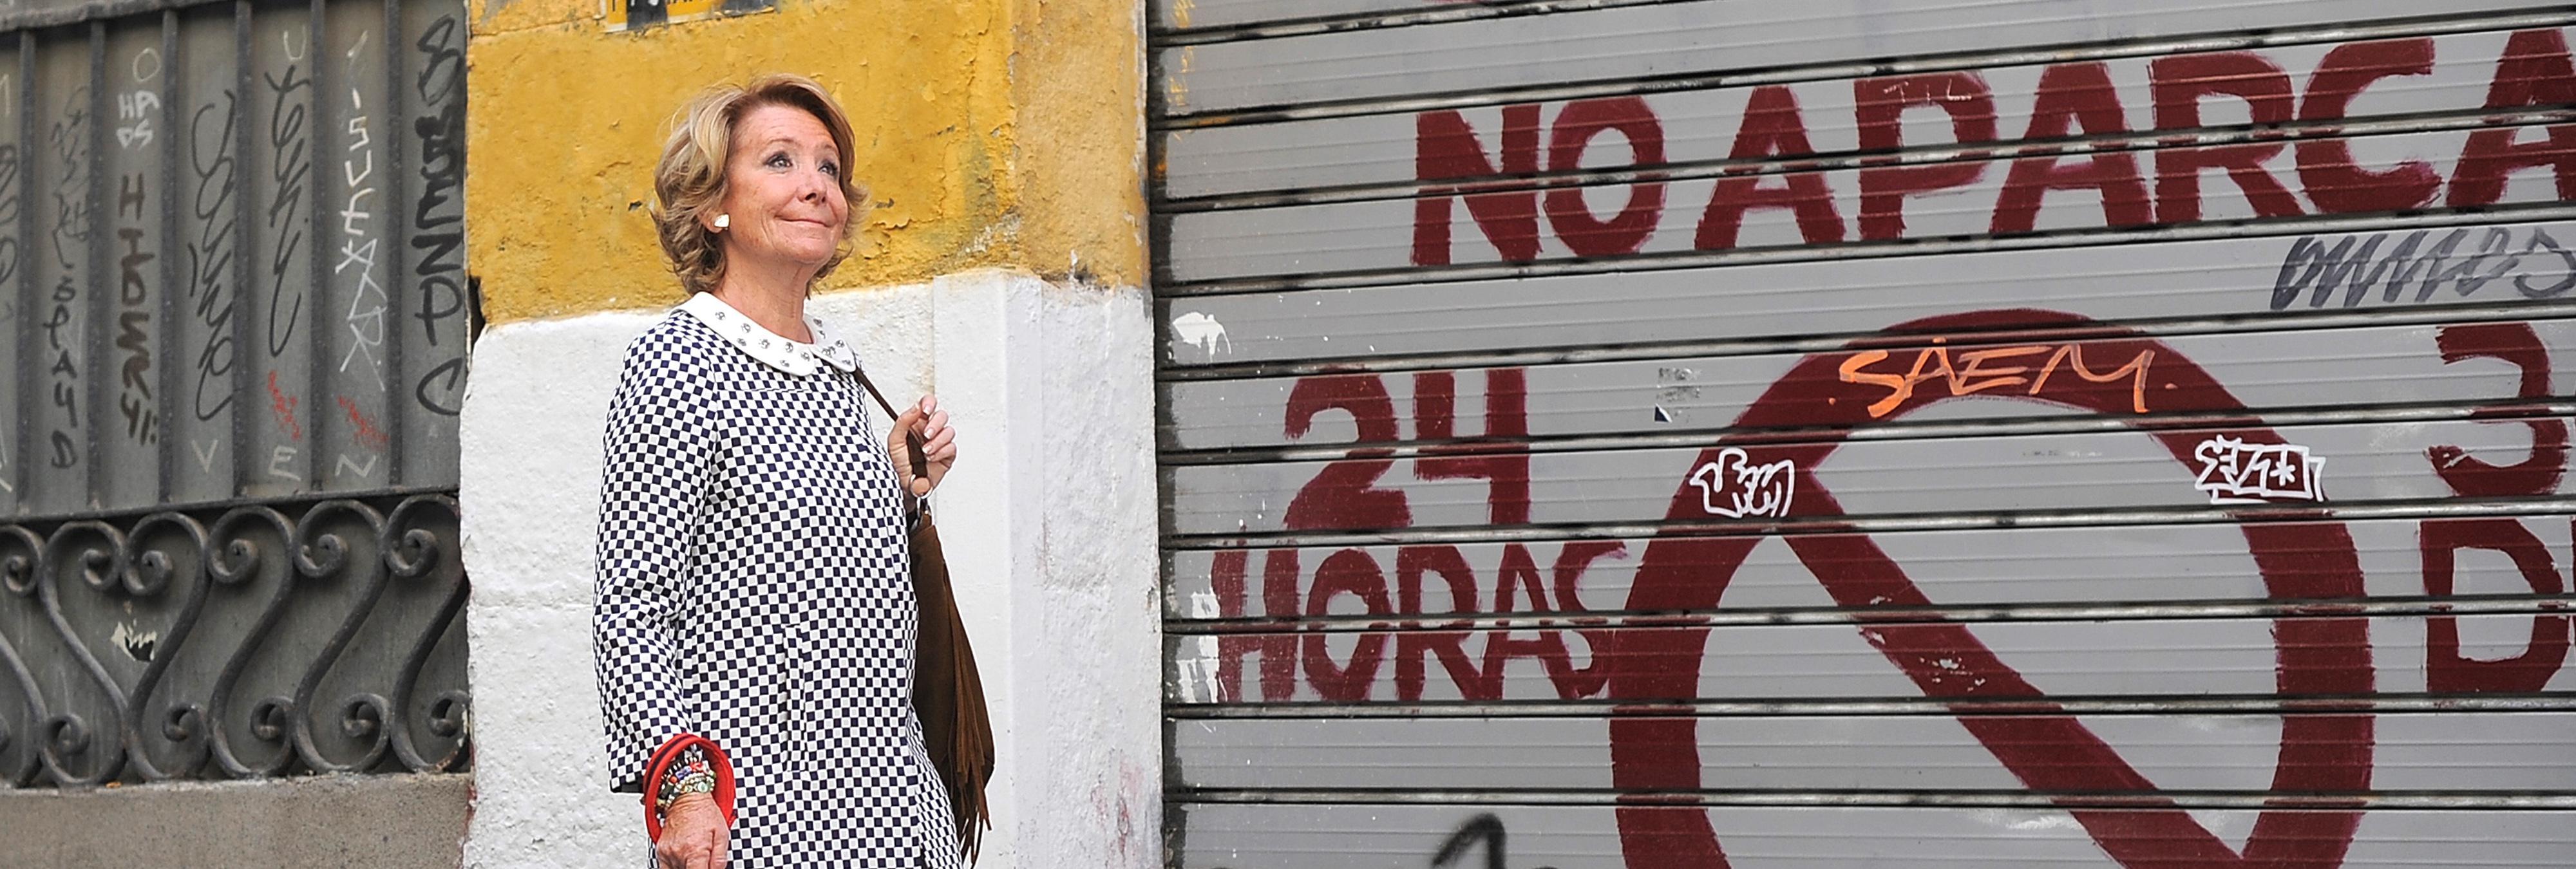 La llamada de teléfono de Esperanza Aguirre se convierte en carne de memes